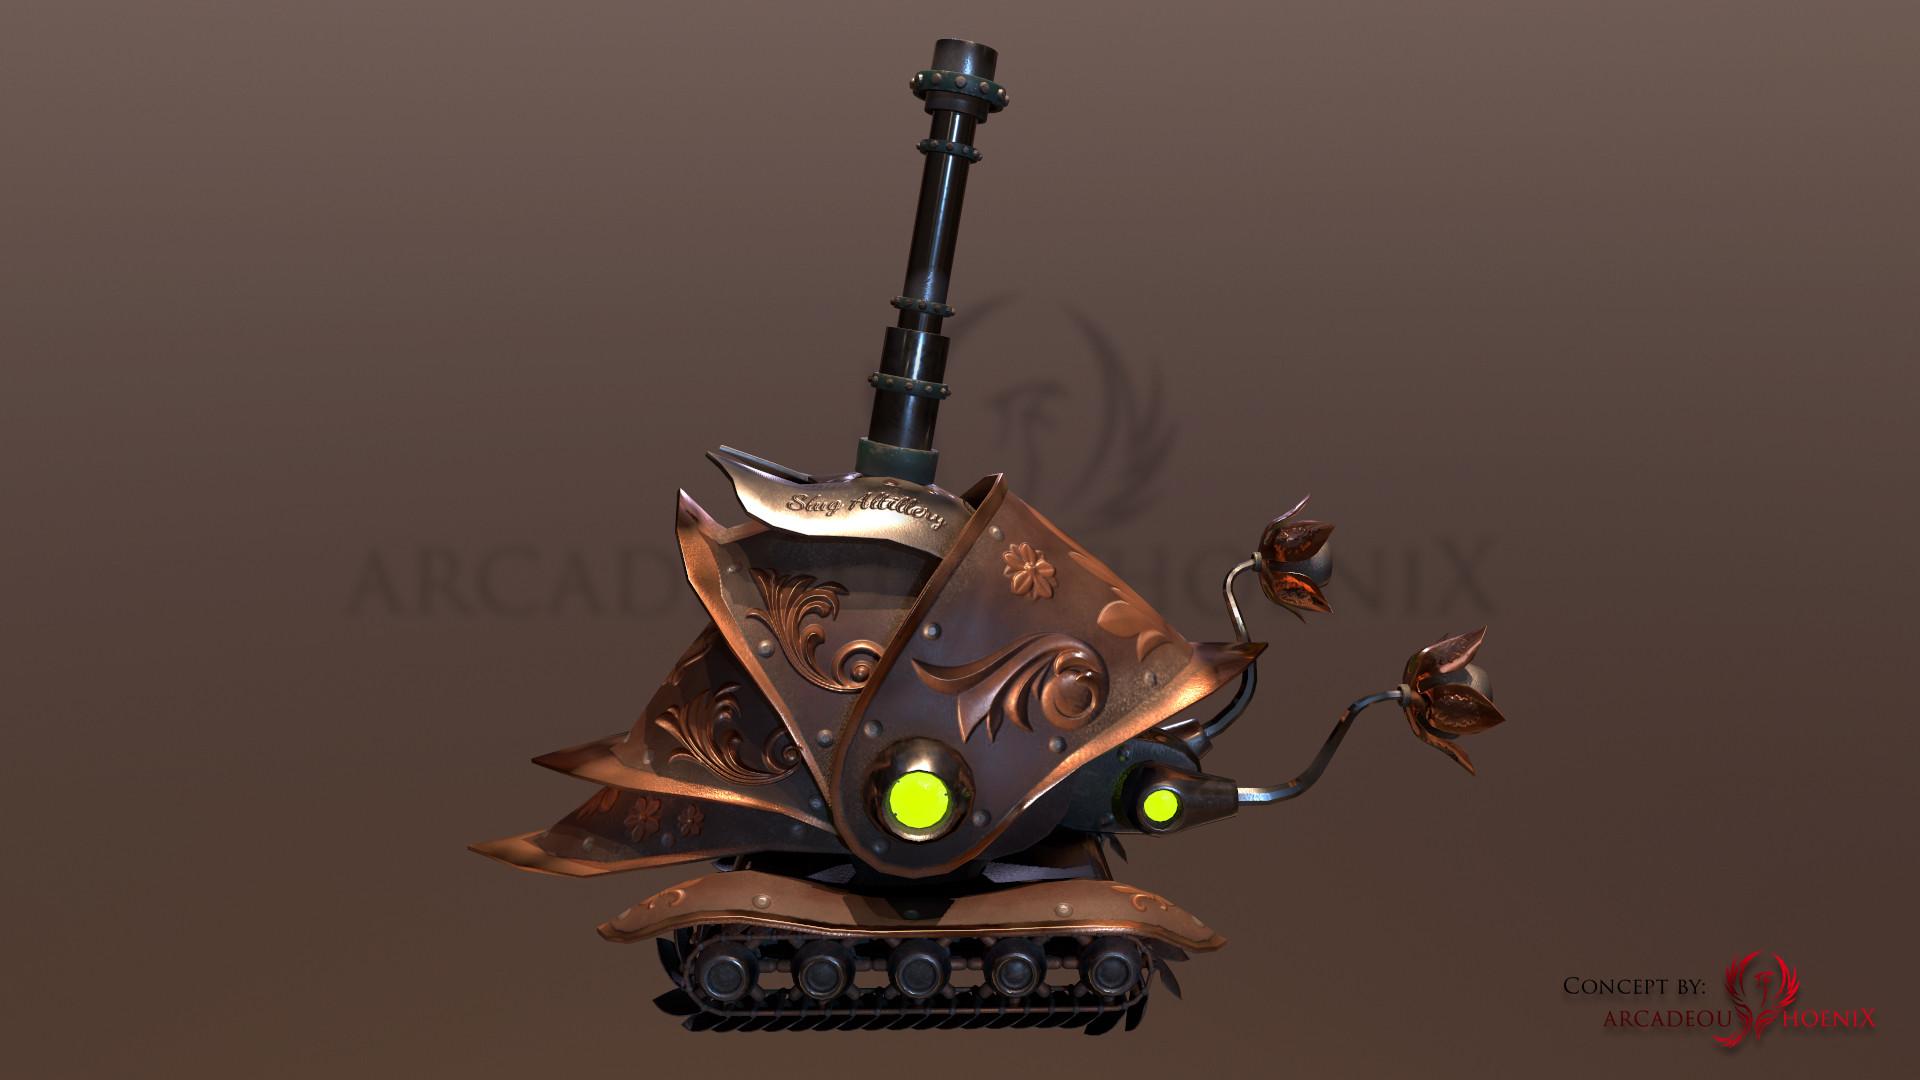 Arcadeous phoenix screenshot003